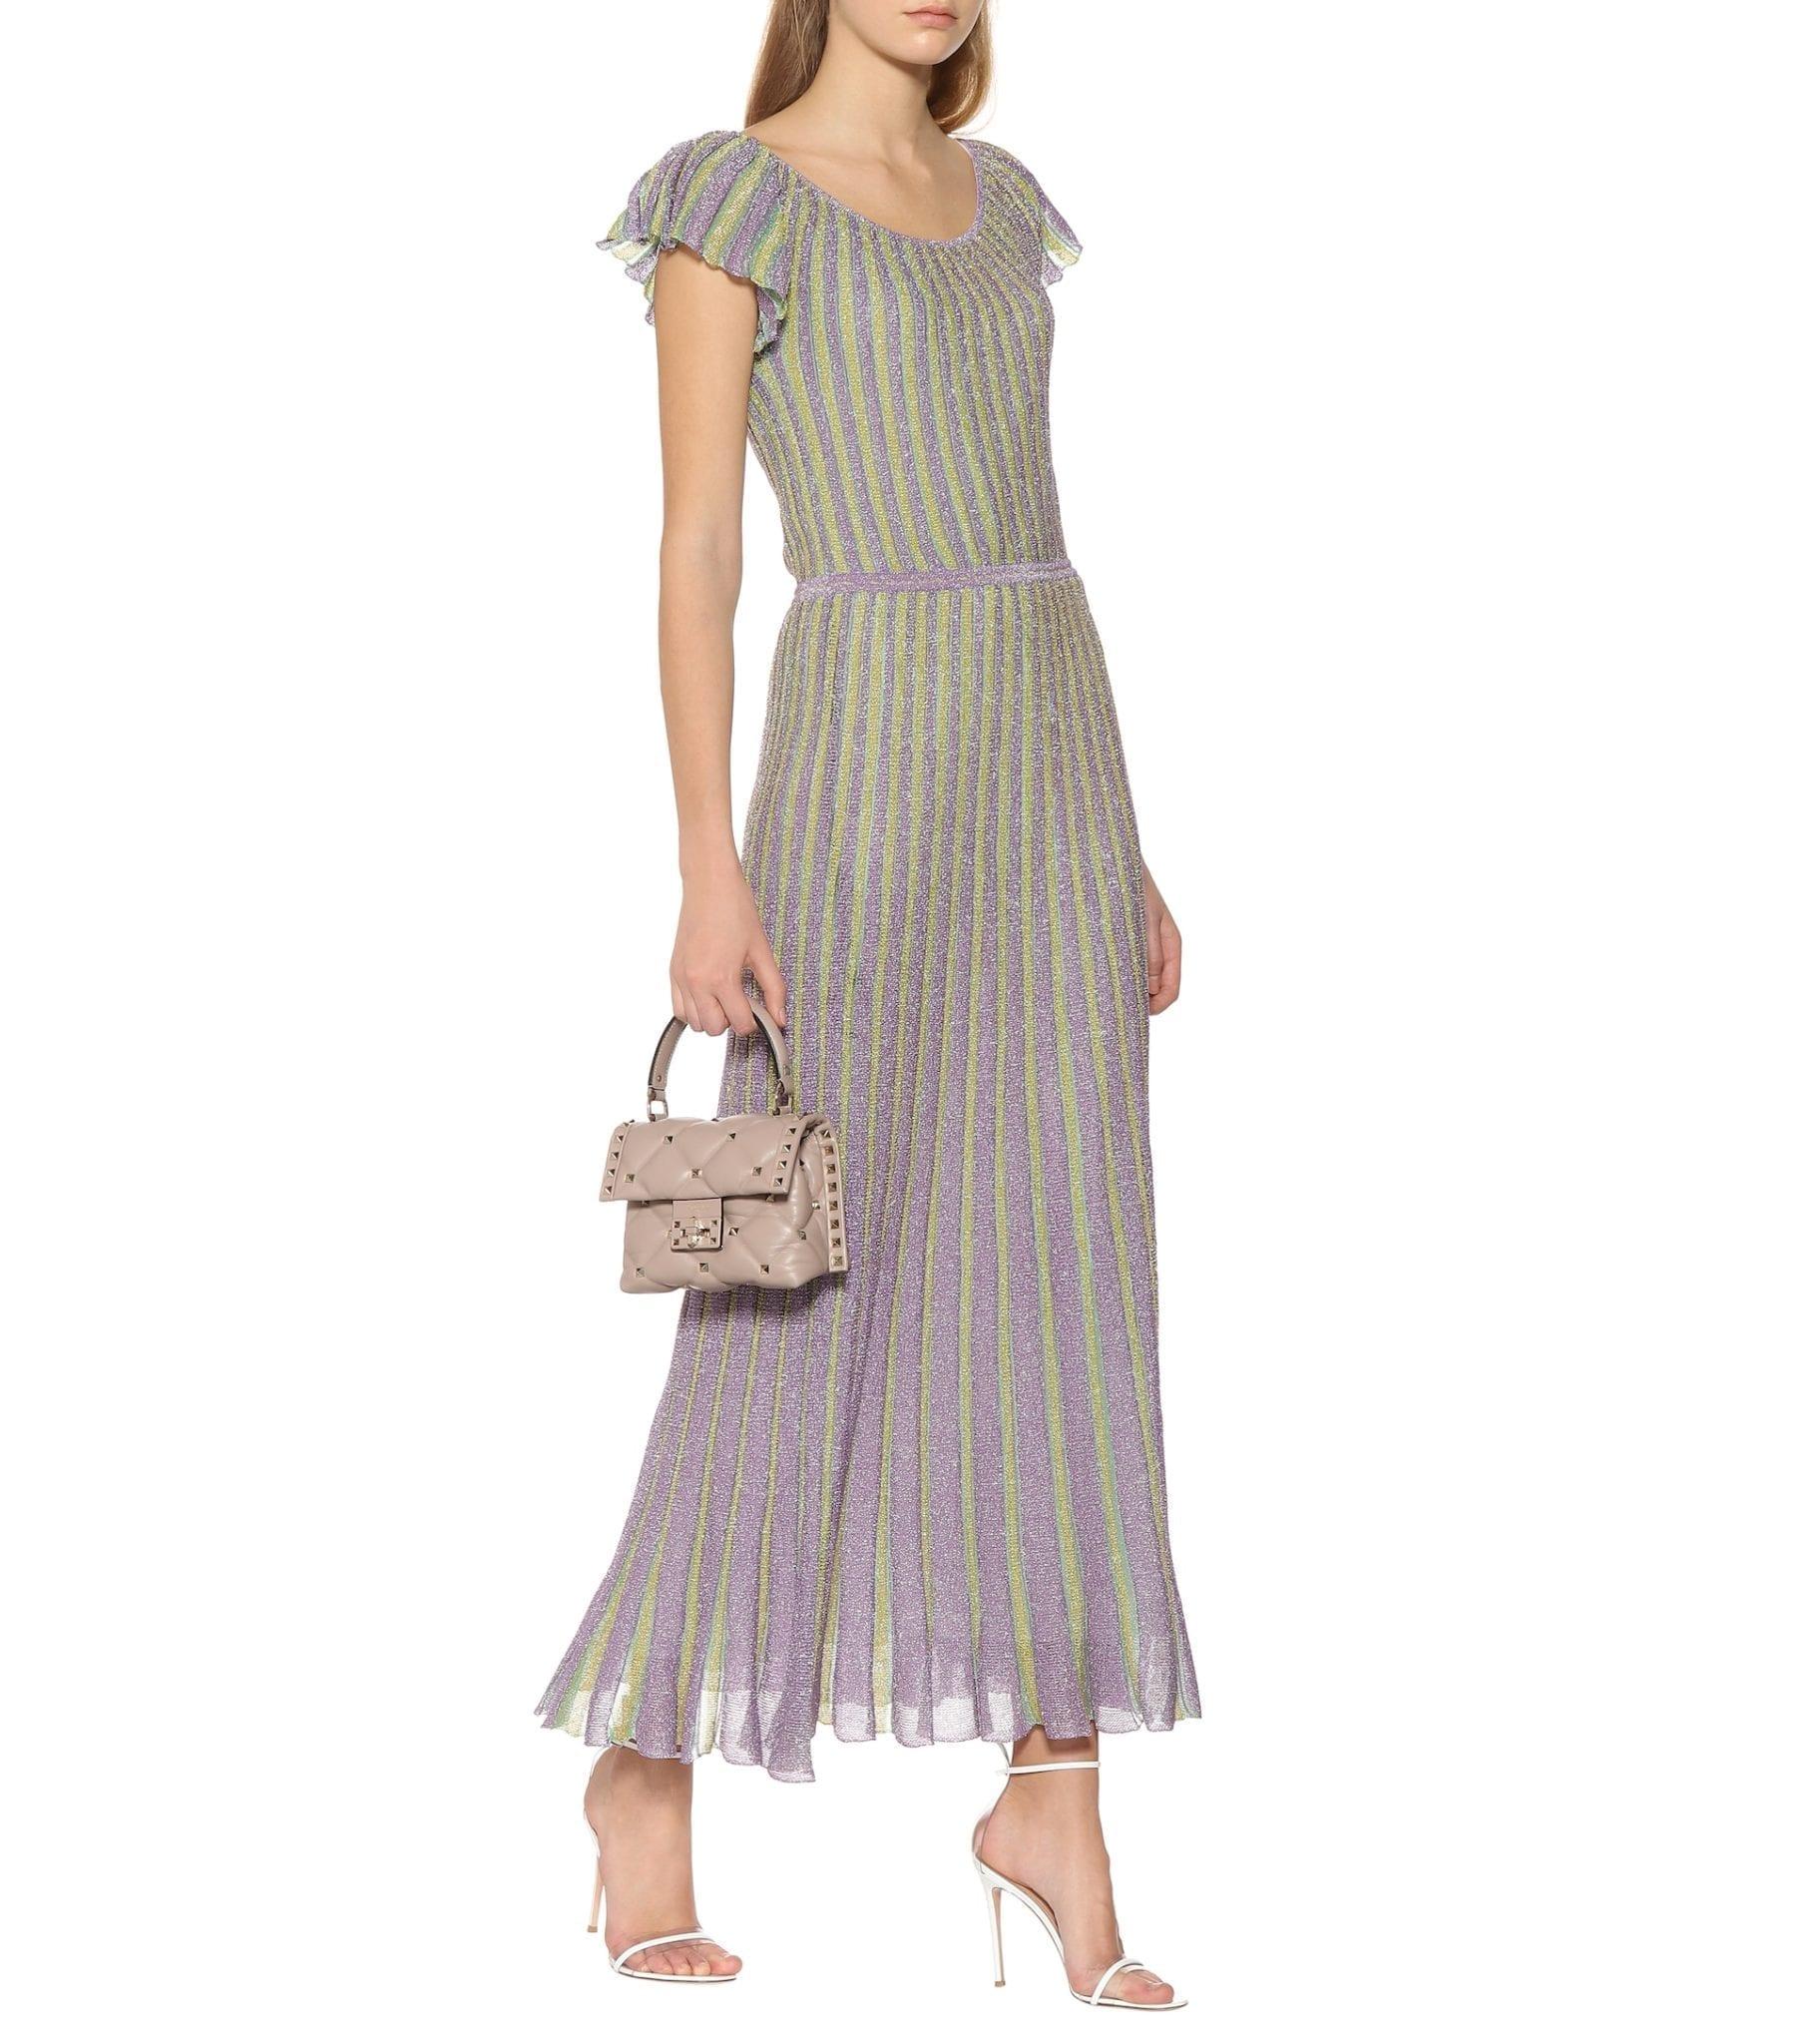 a98af83ba64 MISSONI Striped Lamé Maxi Purple Dress - We Select Dresses